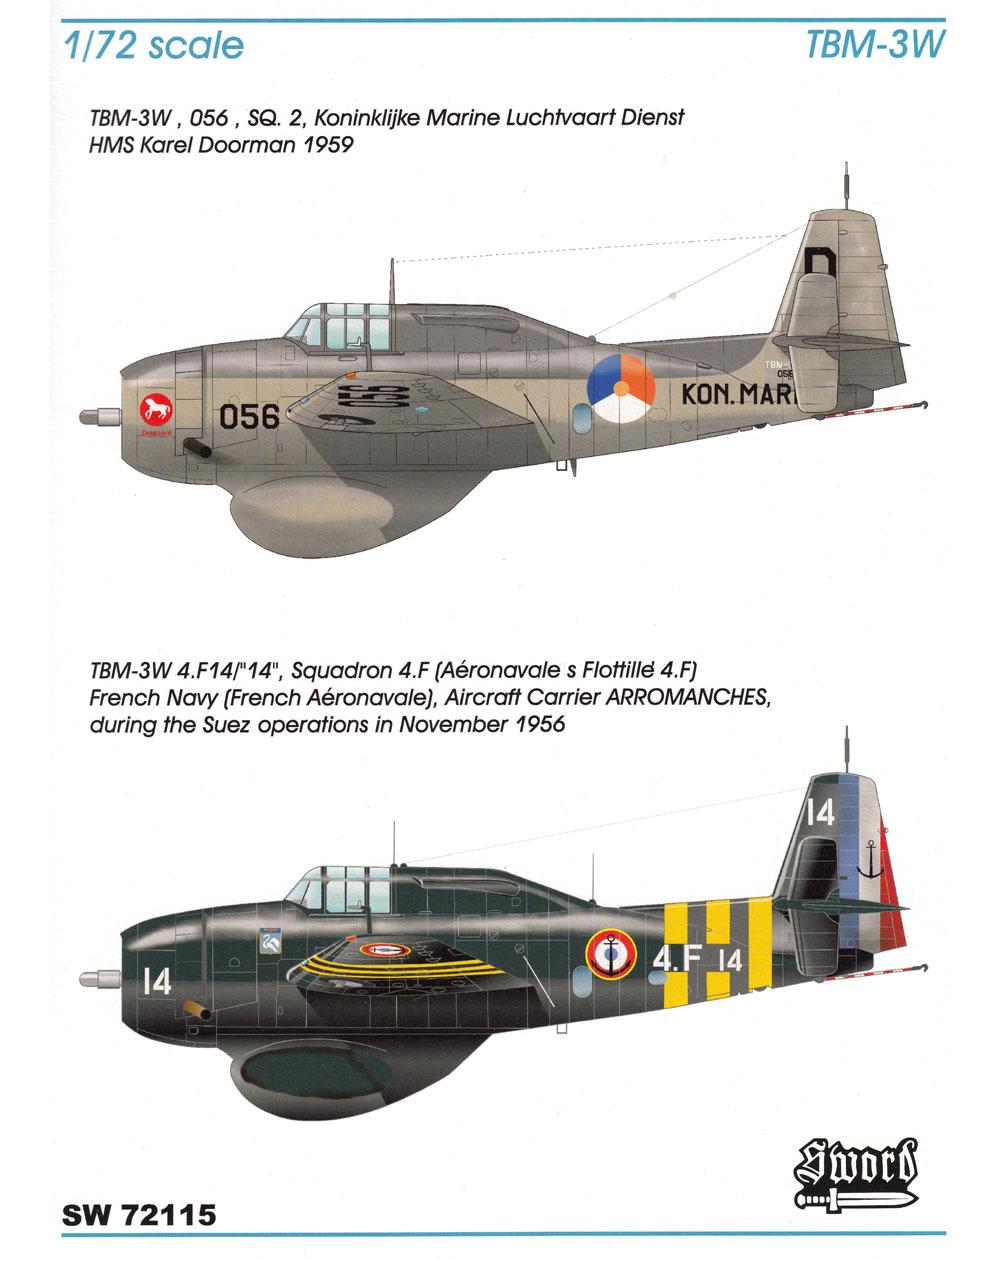 TBM-3W グッピー フランス海軍 オランダ海軍プラモデル(ソード1/72 エアクラフト プラモデルNo.72115)商品画像_1